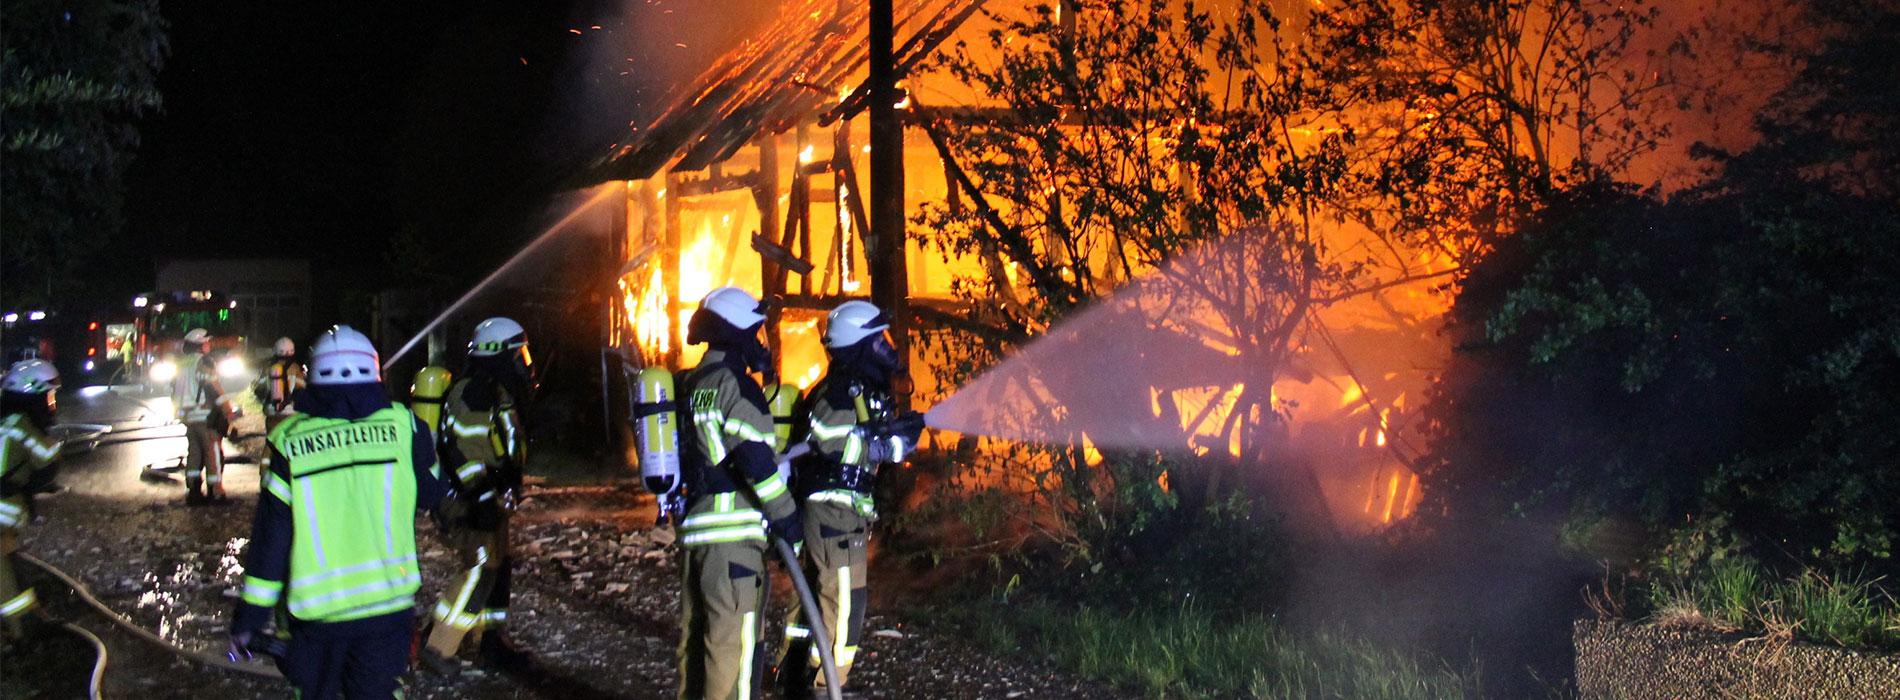 Feuerwehr-Windhagen_Einsatz_01_VG-Asbach